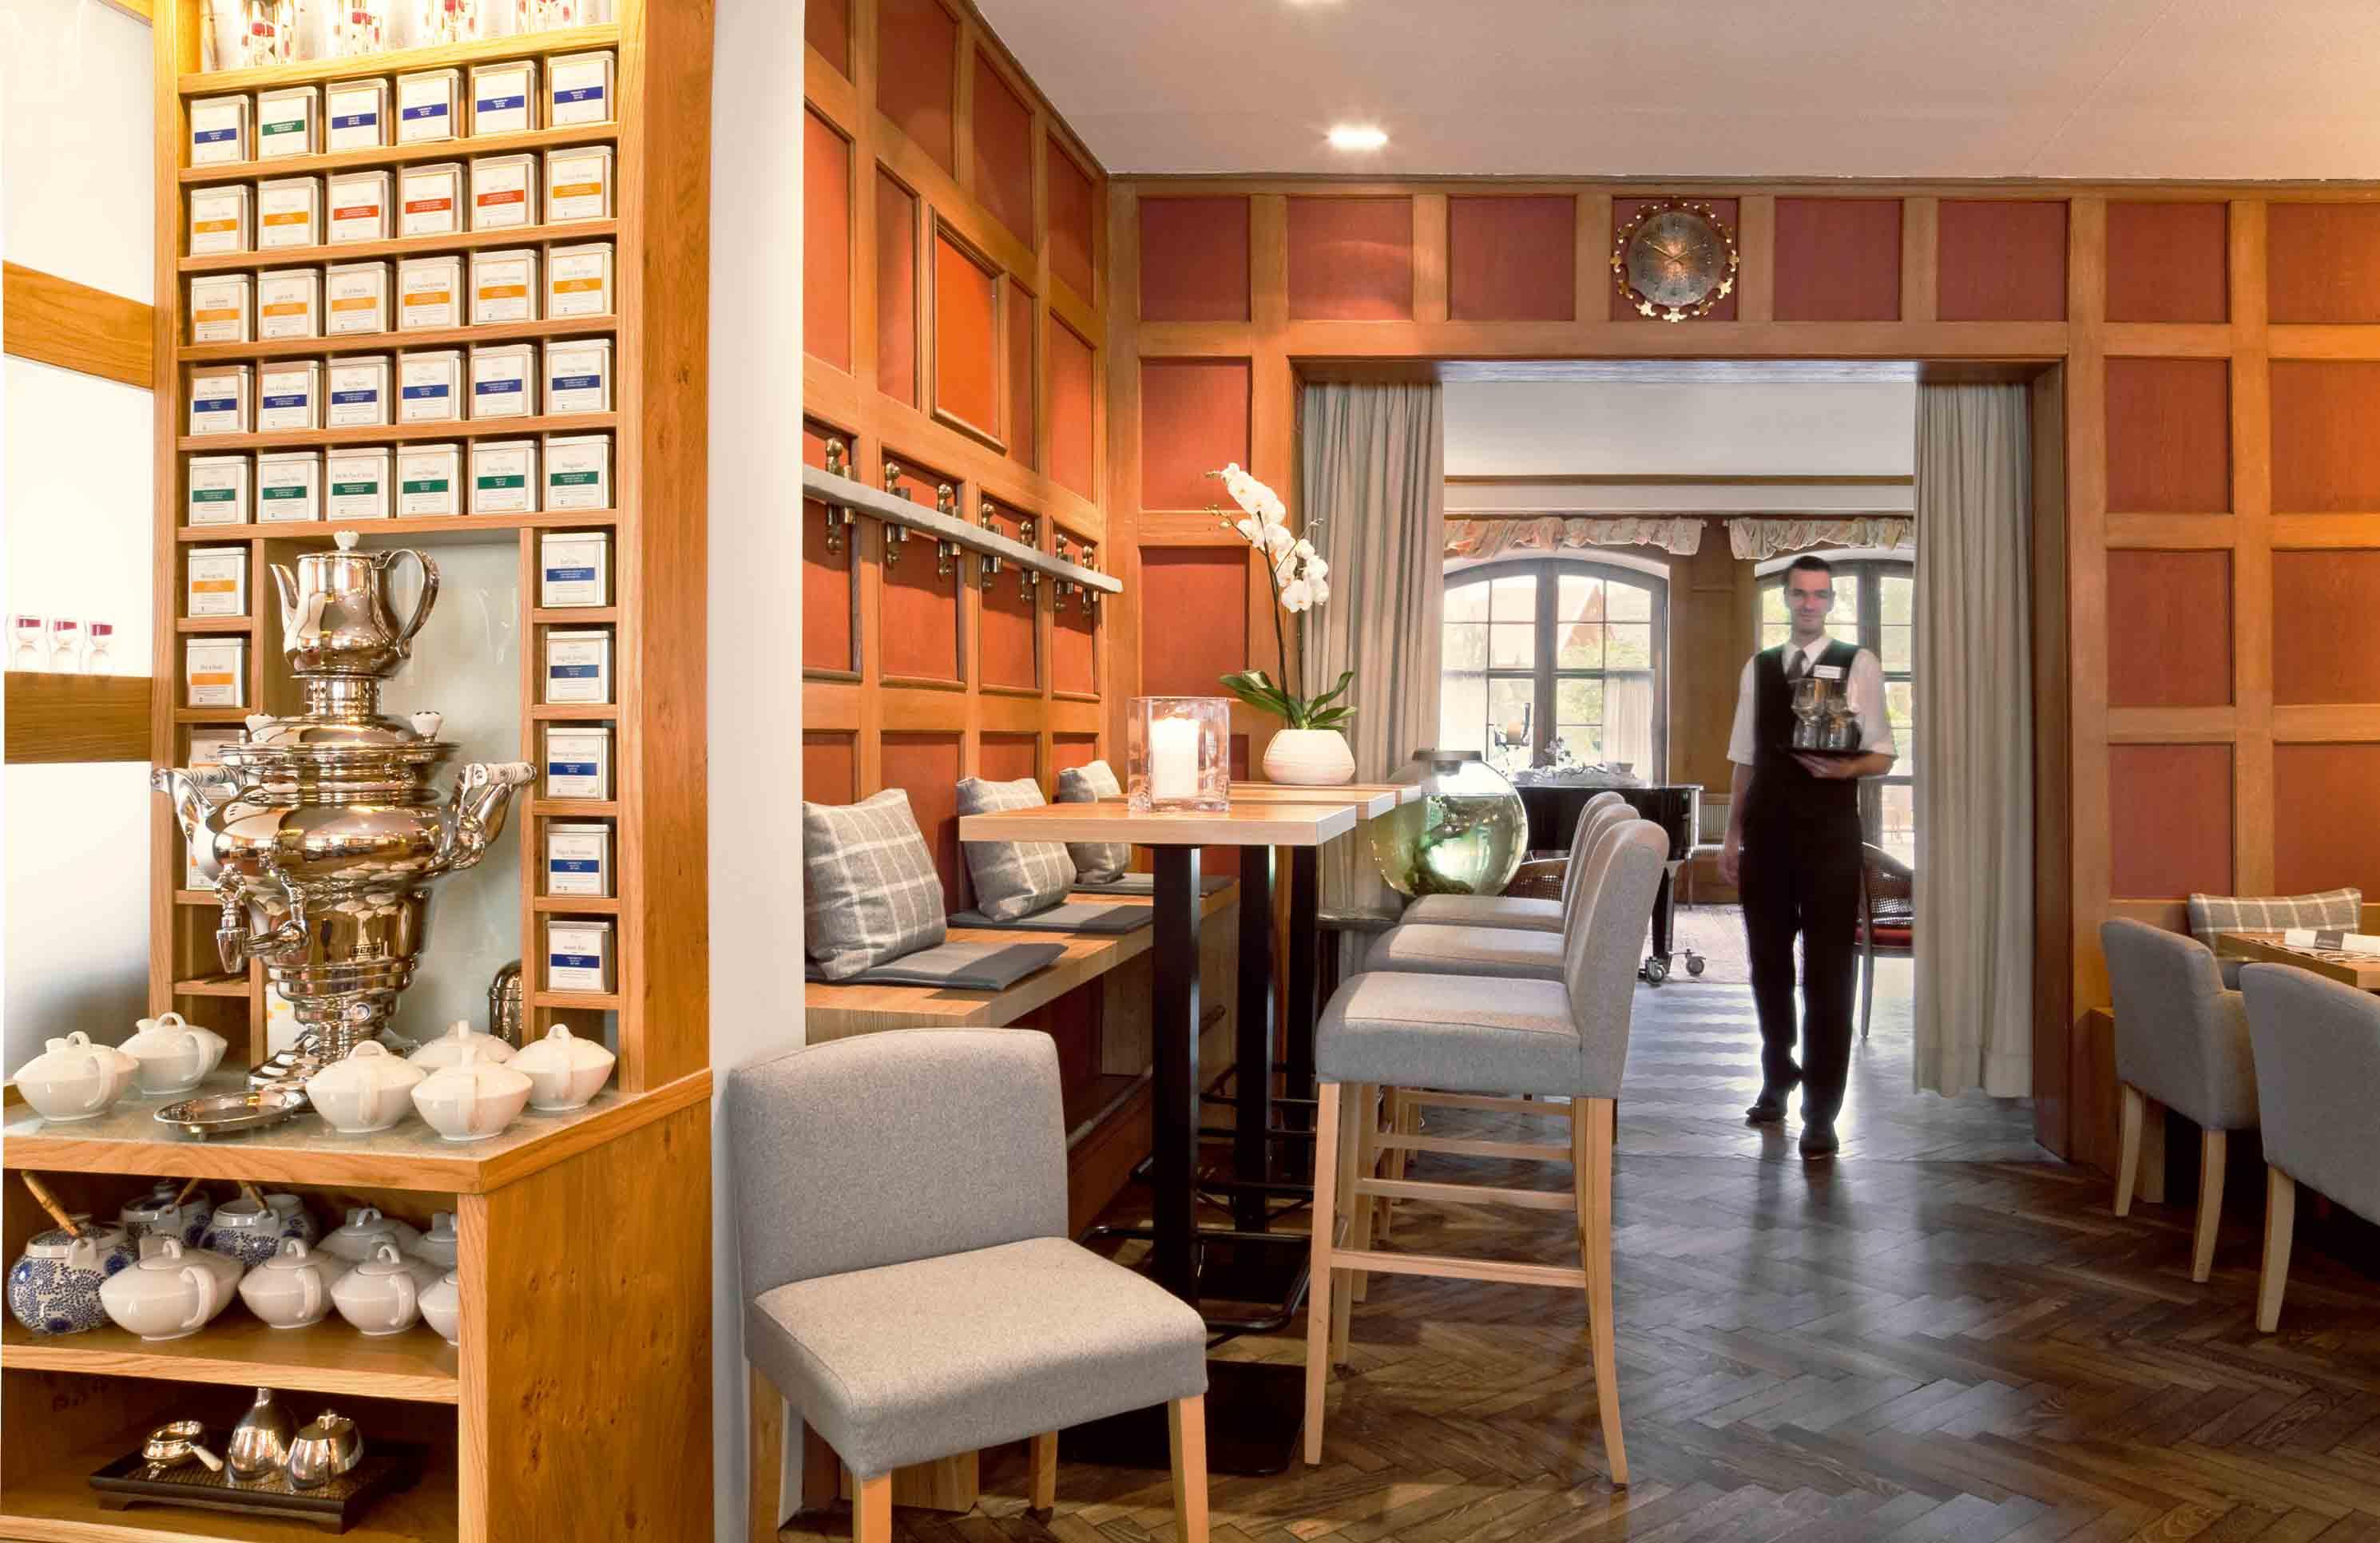 zu besuch in den bergen traumhotels in bayern. Black Bedroom Furniture Sets. Home Design Ideas